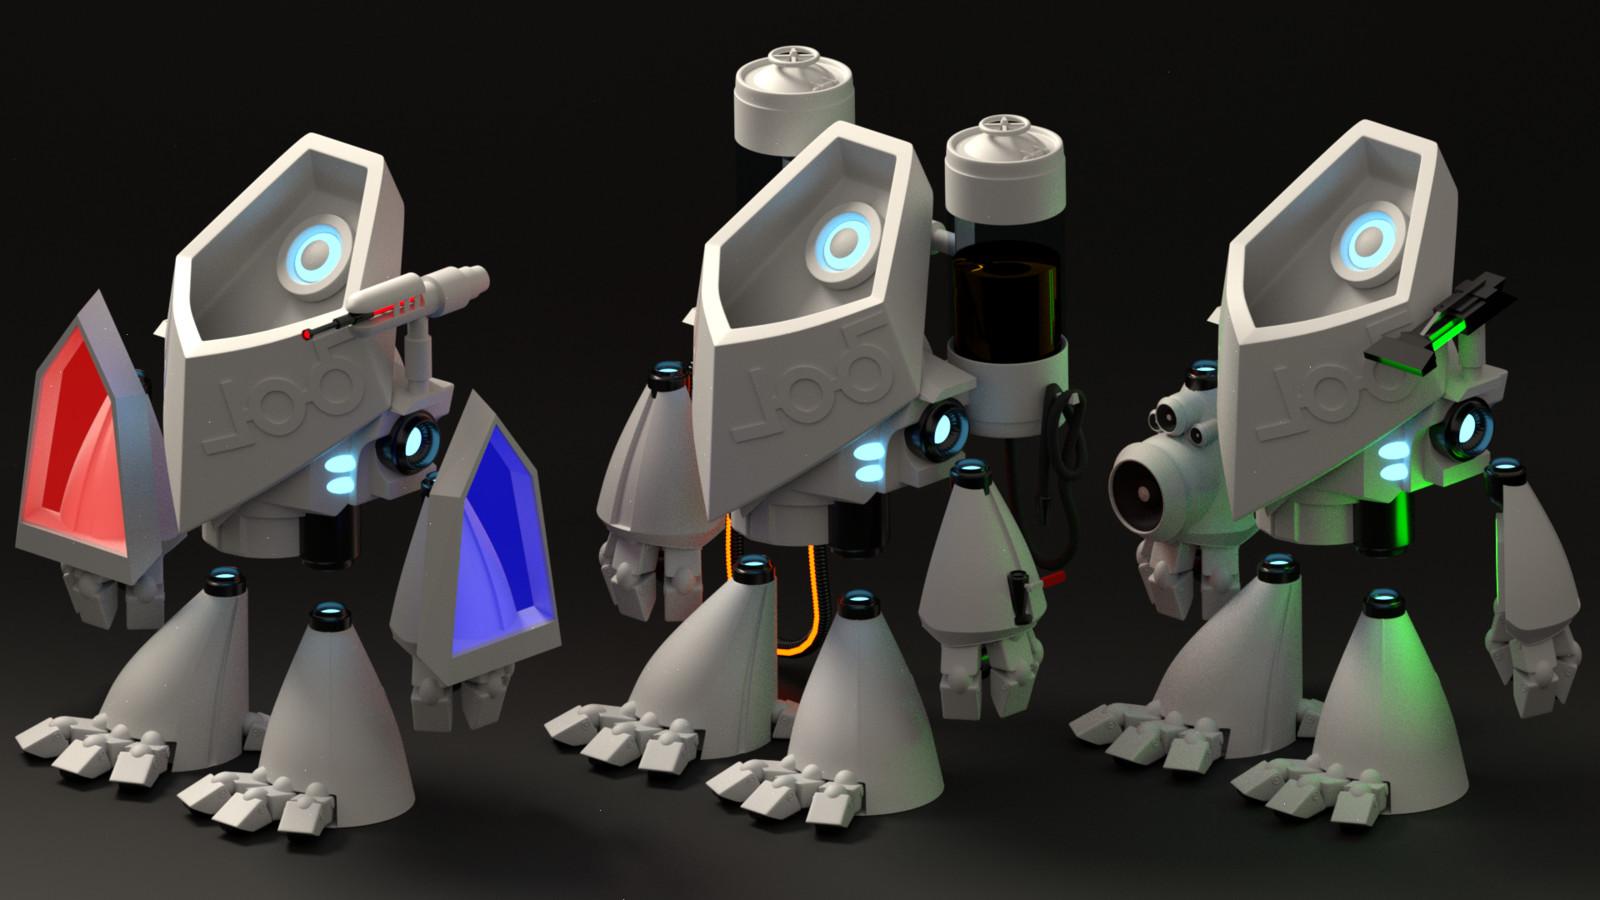 JOO-bot fronts